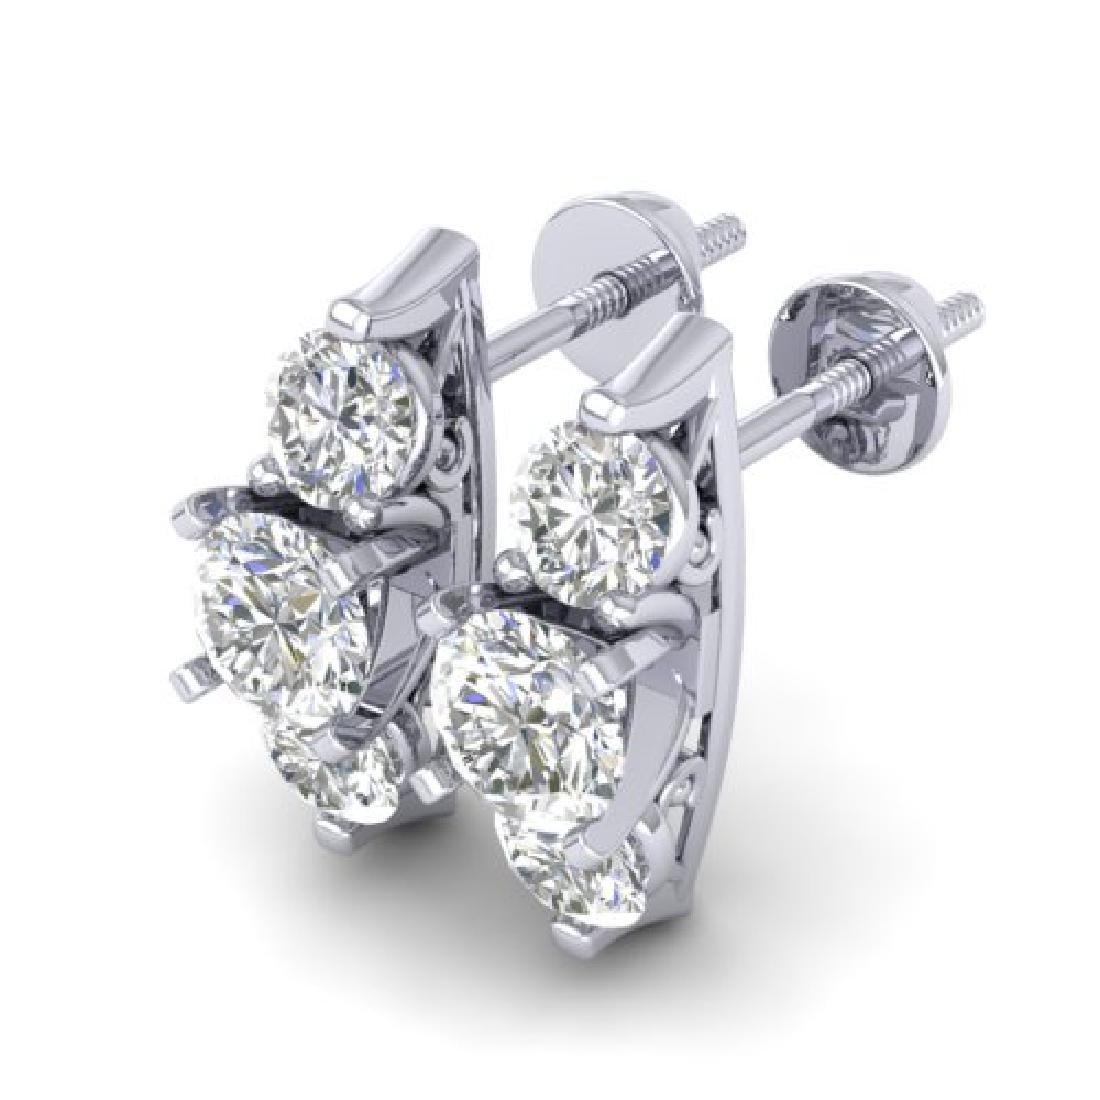 2 CTW Certified VS/SI Diamond 3 Stone Stud Earrings 18K - 2